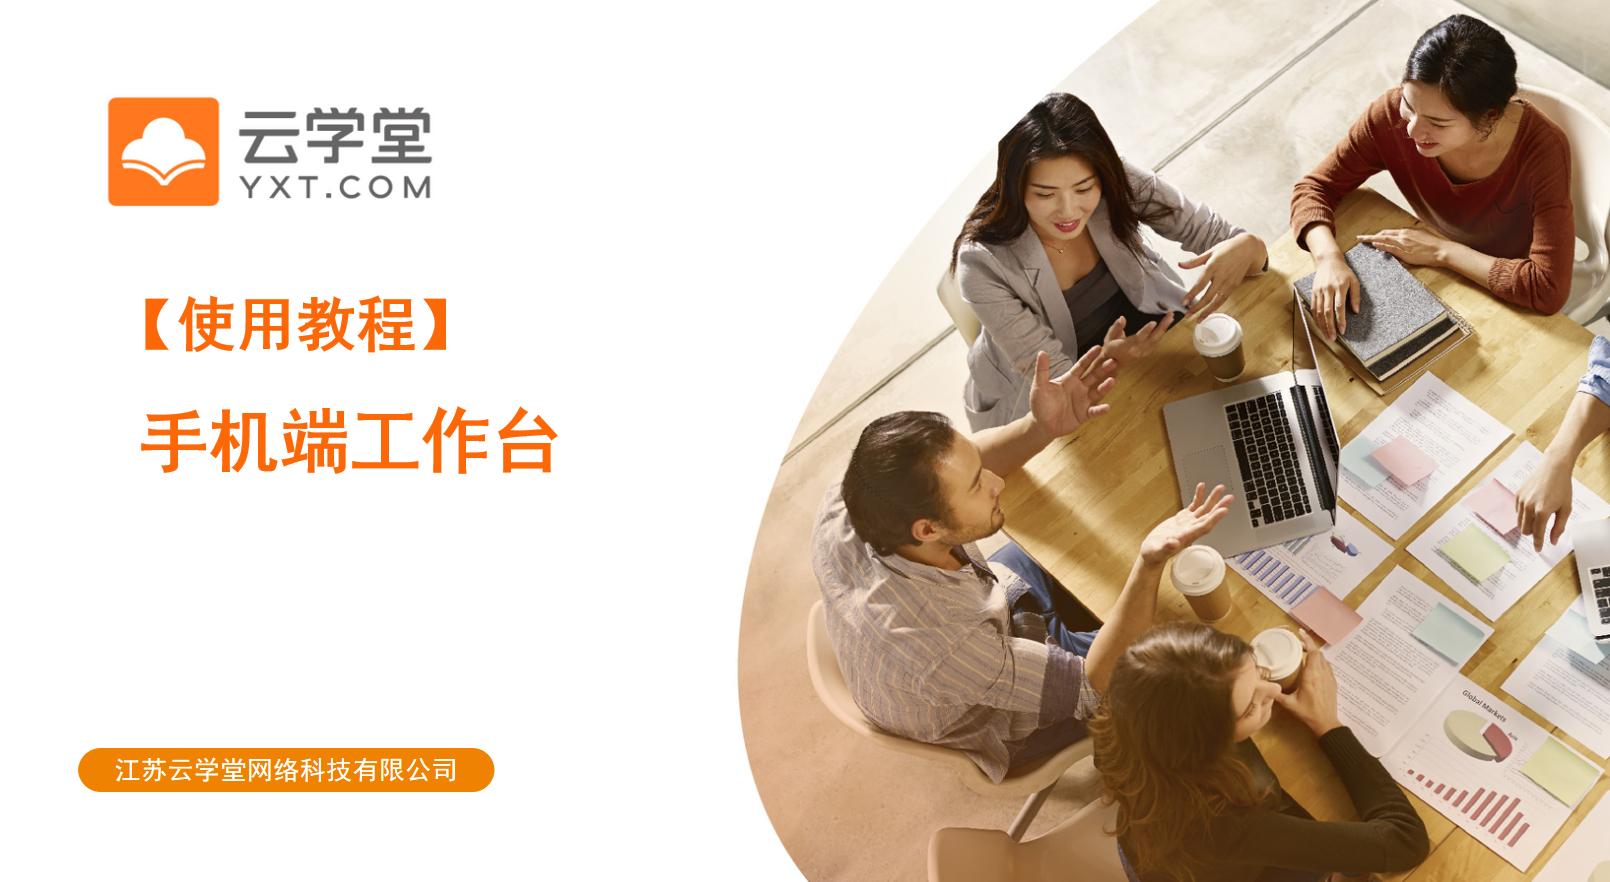 企业大学平台使用教程—手机端工作台的使用